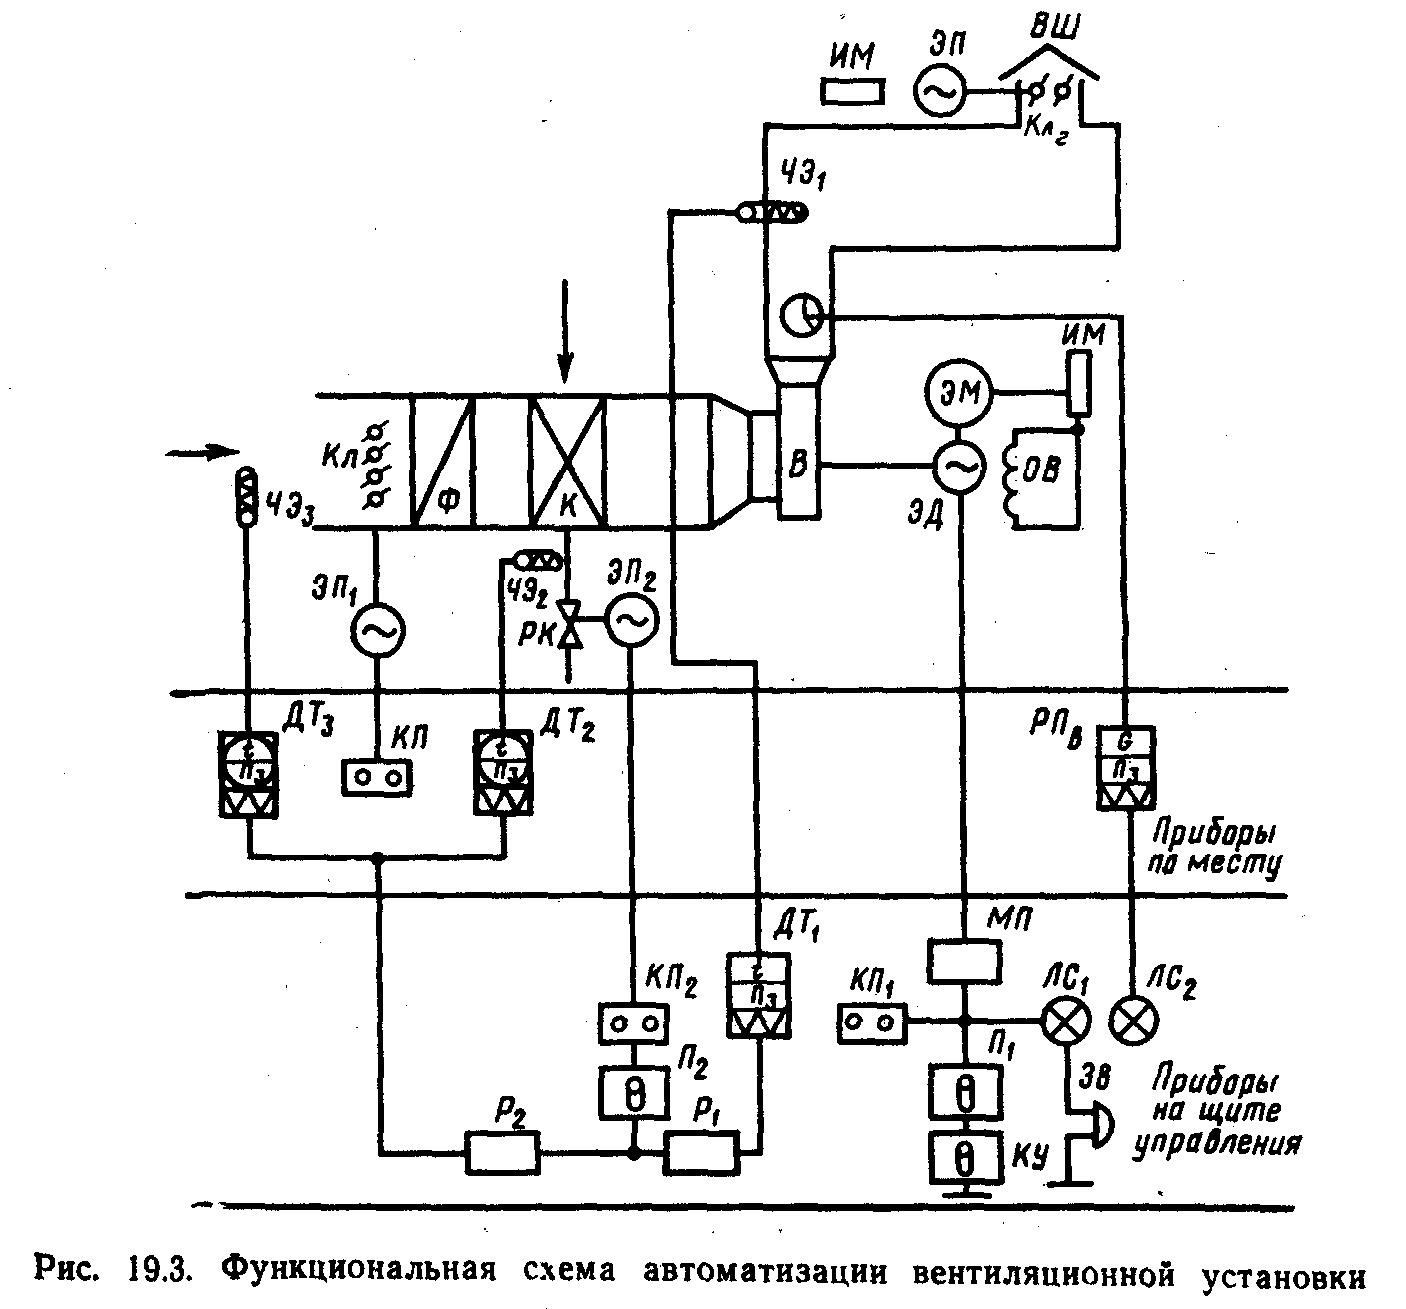 Схема управления вентиляционной установкой фото 953